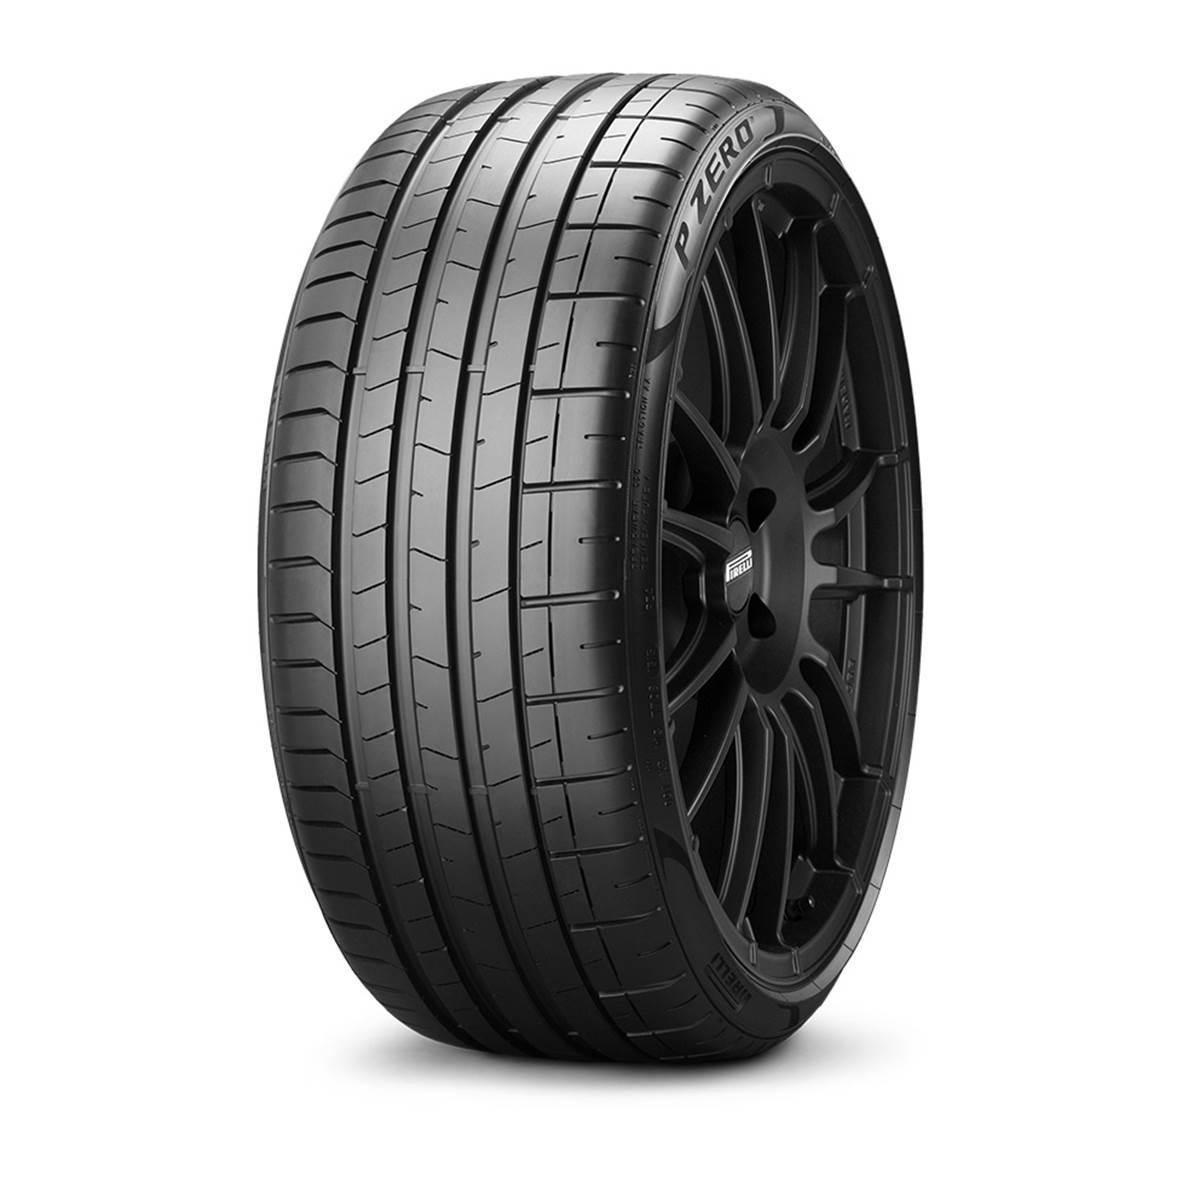 Pneu Pirelli 275/30R20 97Y Pzero XL